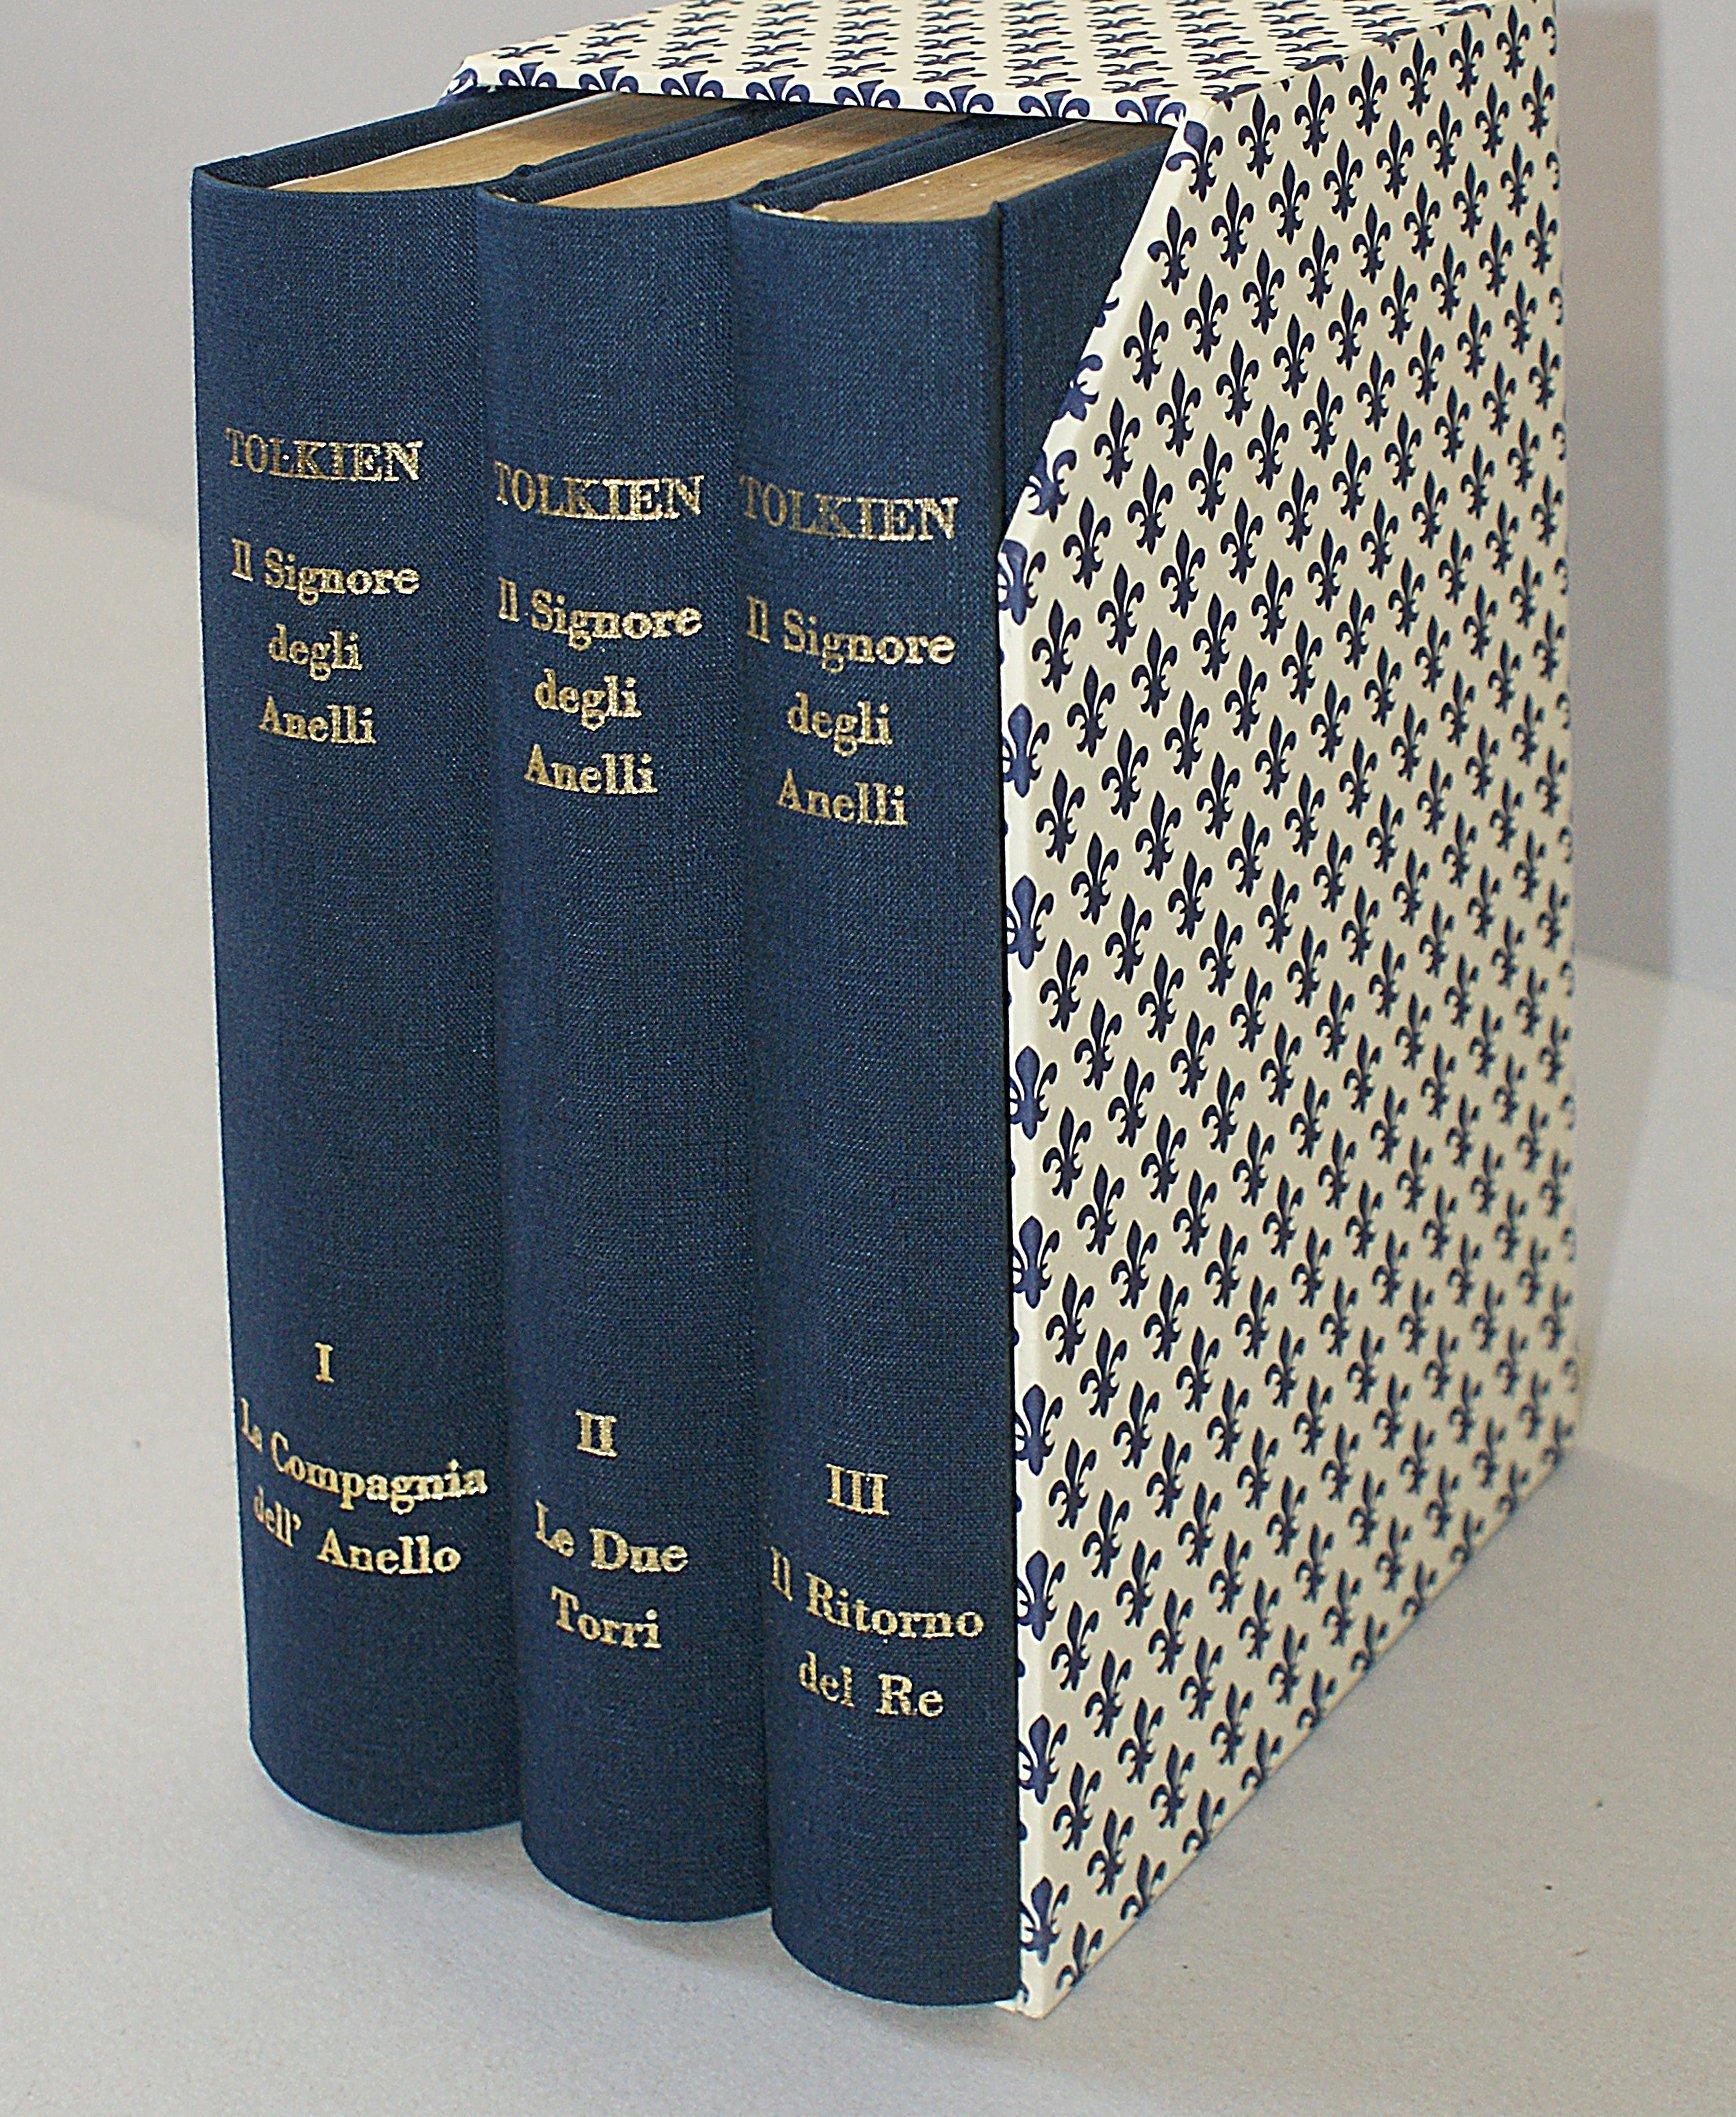 libri con copertina blu sistemati all'interno di un raccoglitore a fantasia bianco e blu